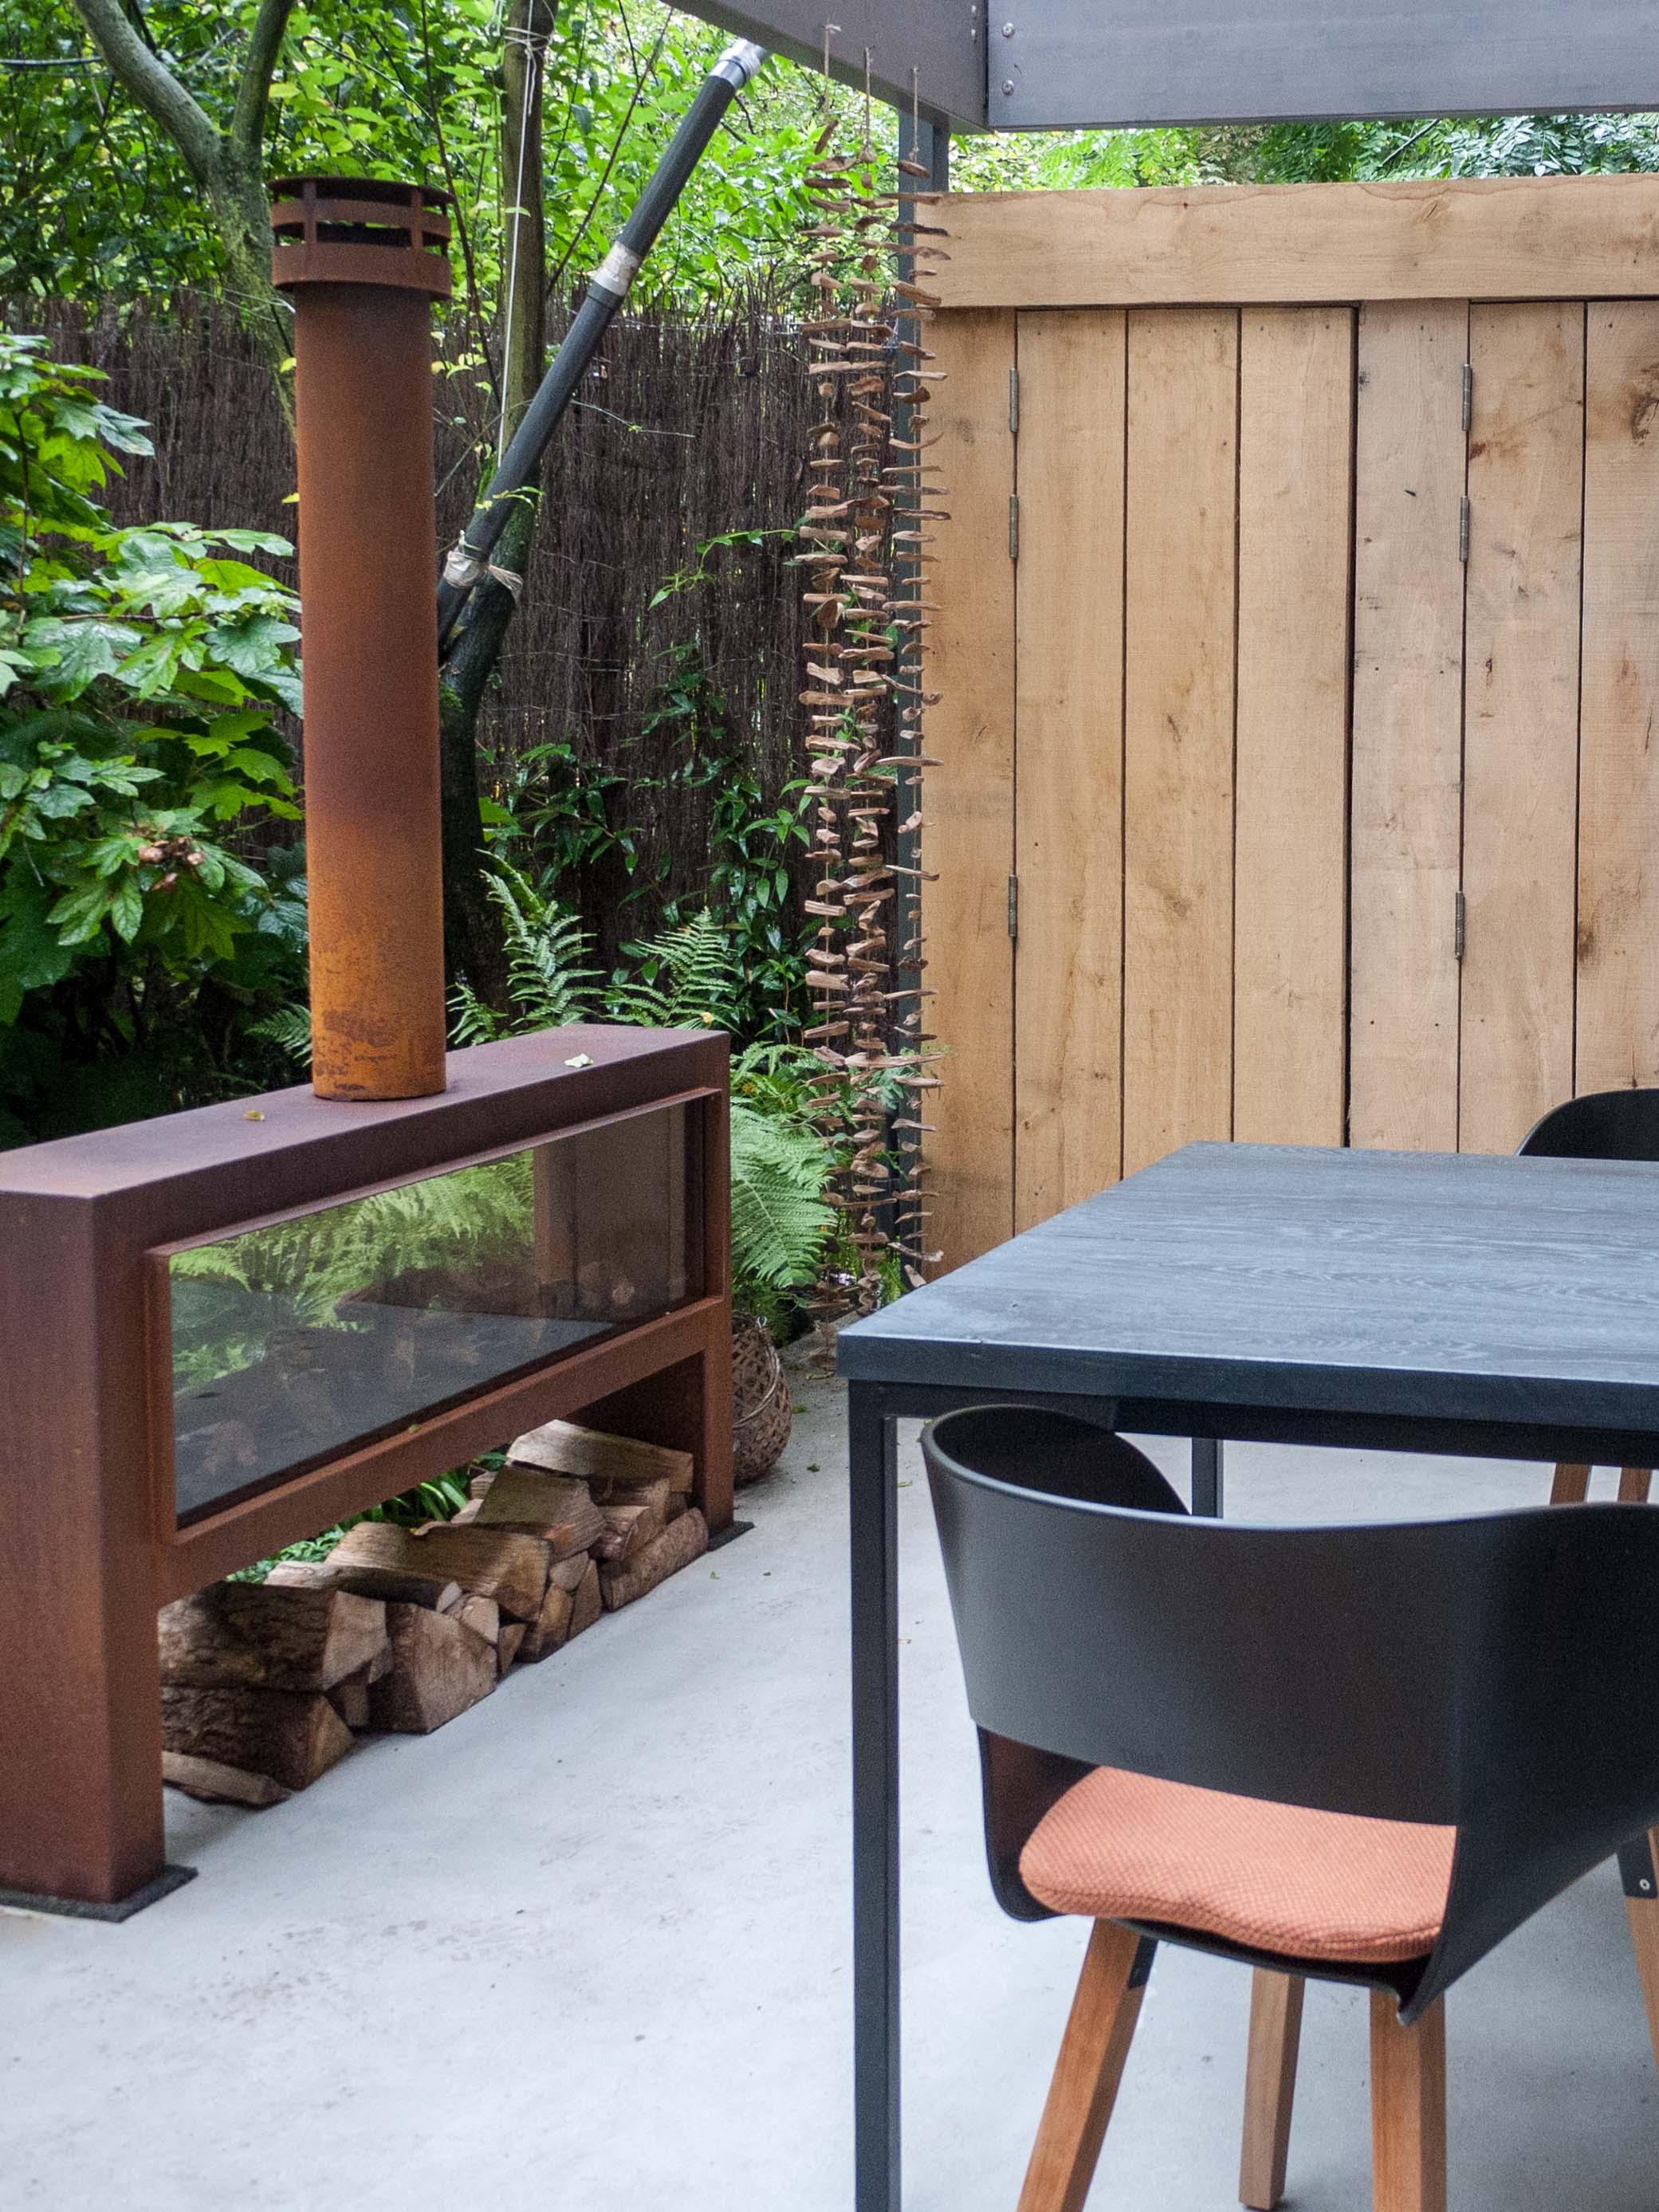 Ontwerp serre bouwen - Beelden van verandas ...